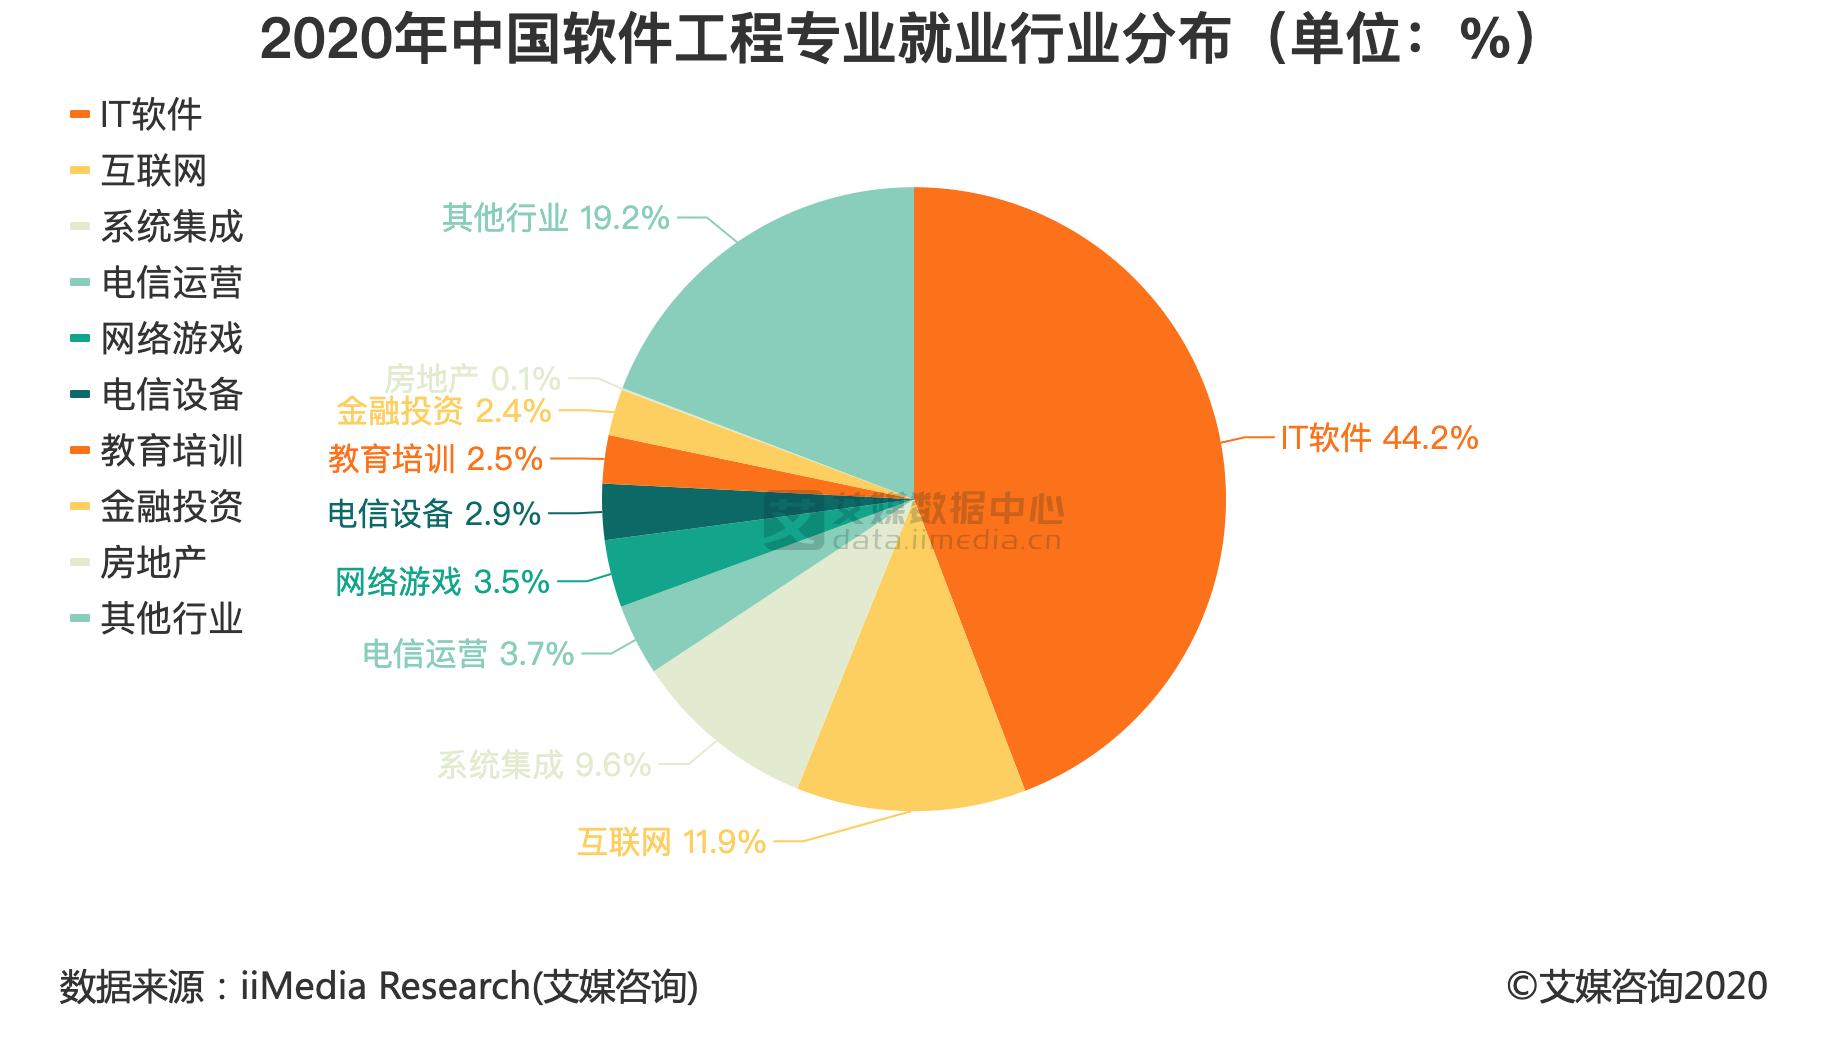 2020年中国软件工程专业就业行业分布(单位:%)